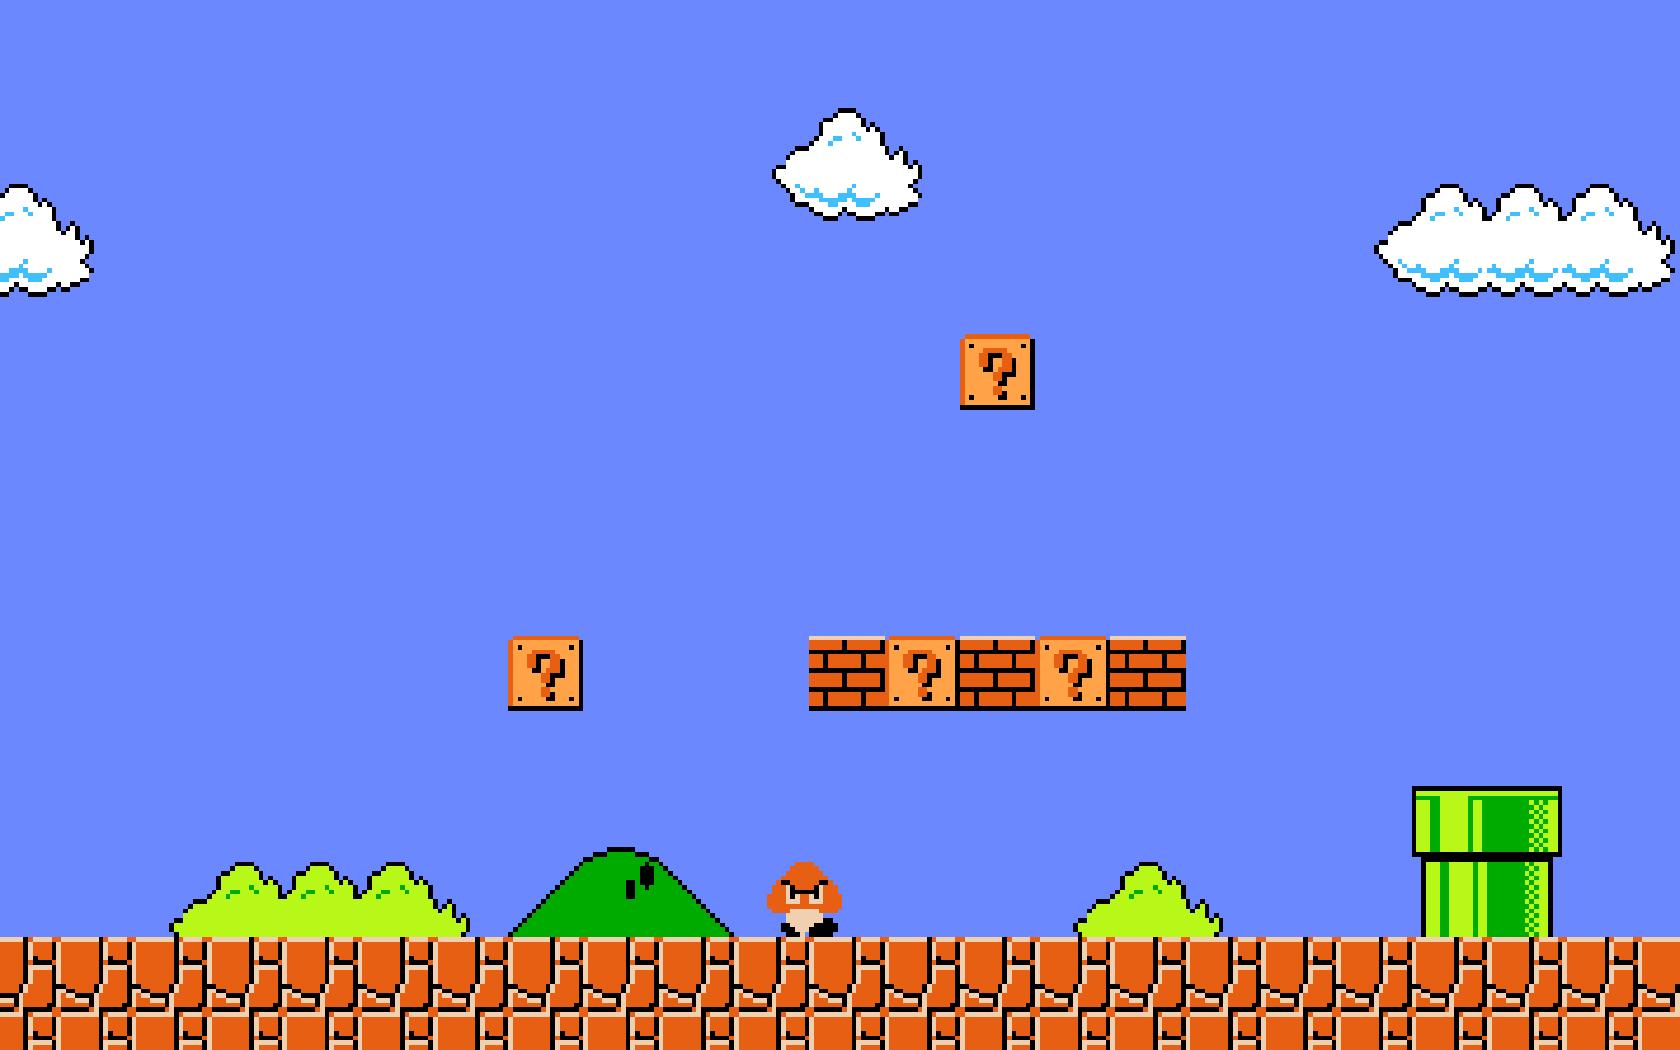 8 Bit clipart super mario bro Mario Bros Pinterest  Super